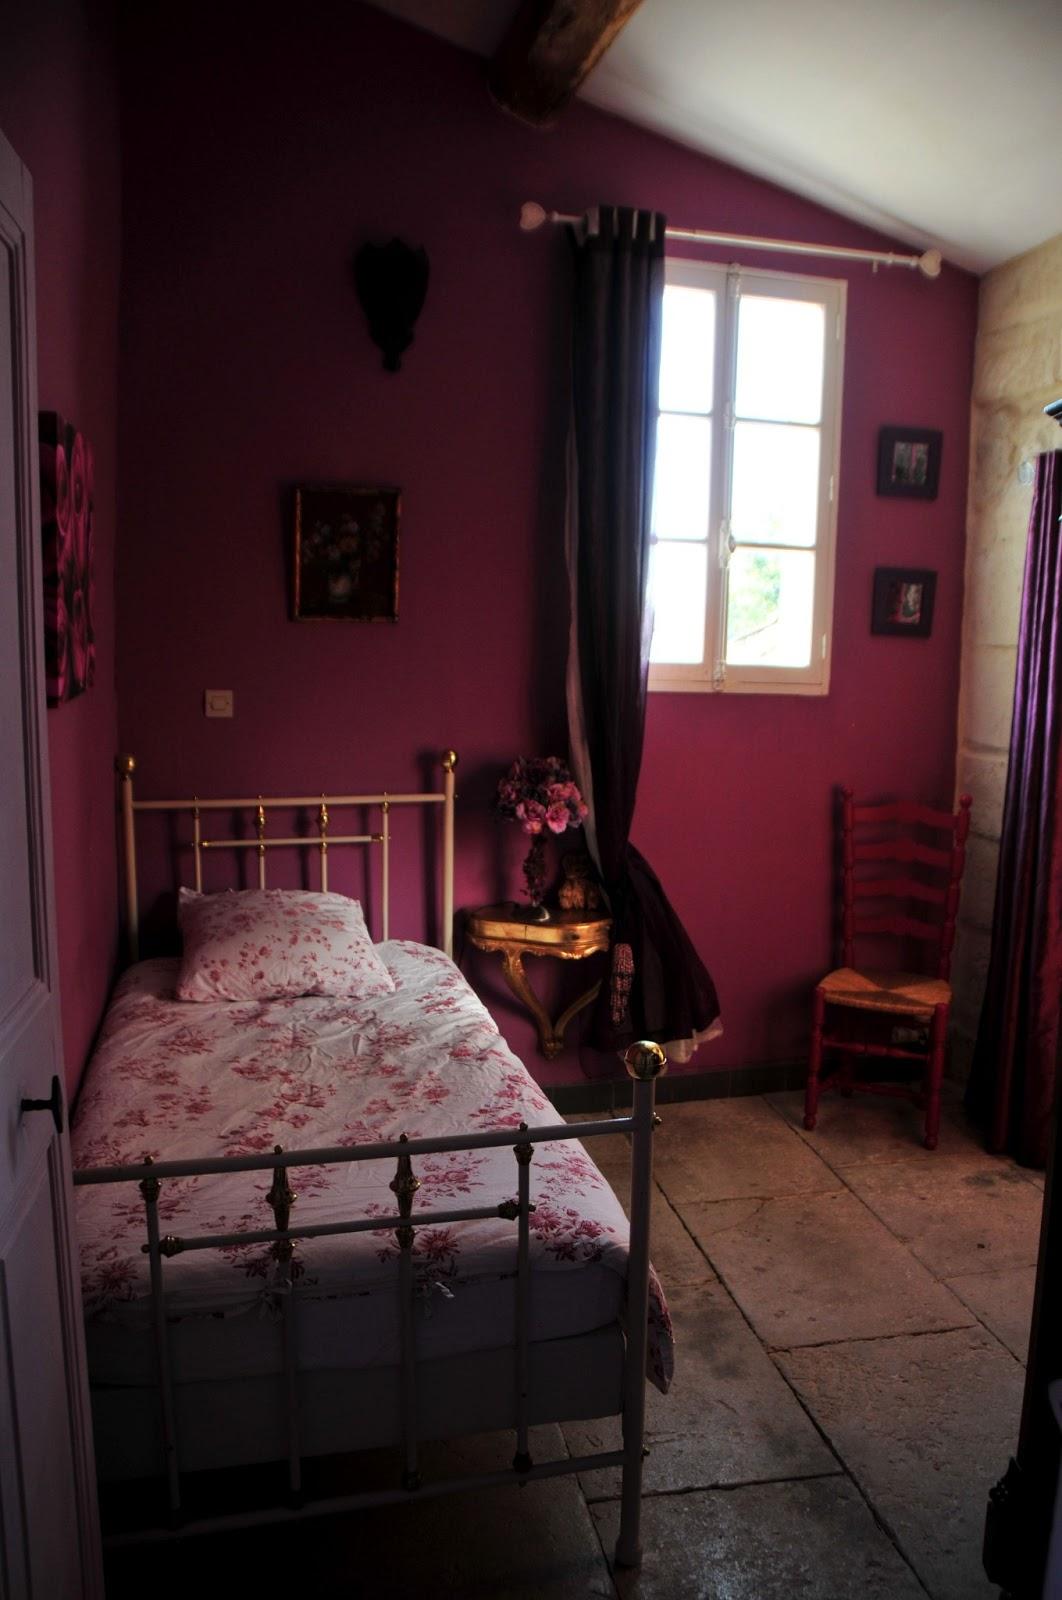 Location gîte et chambre d'hôte proche de montpellier